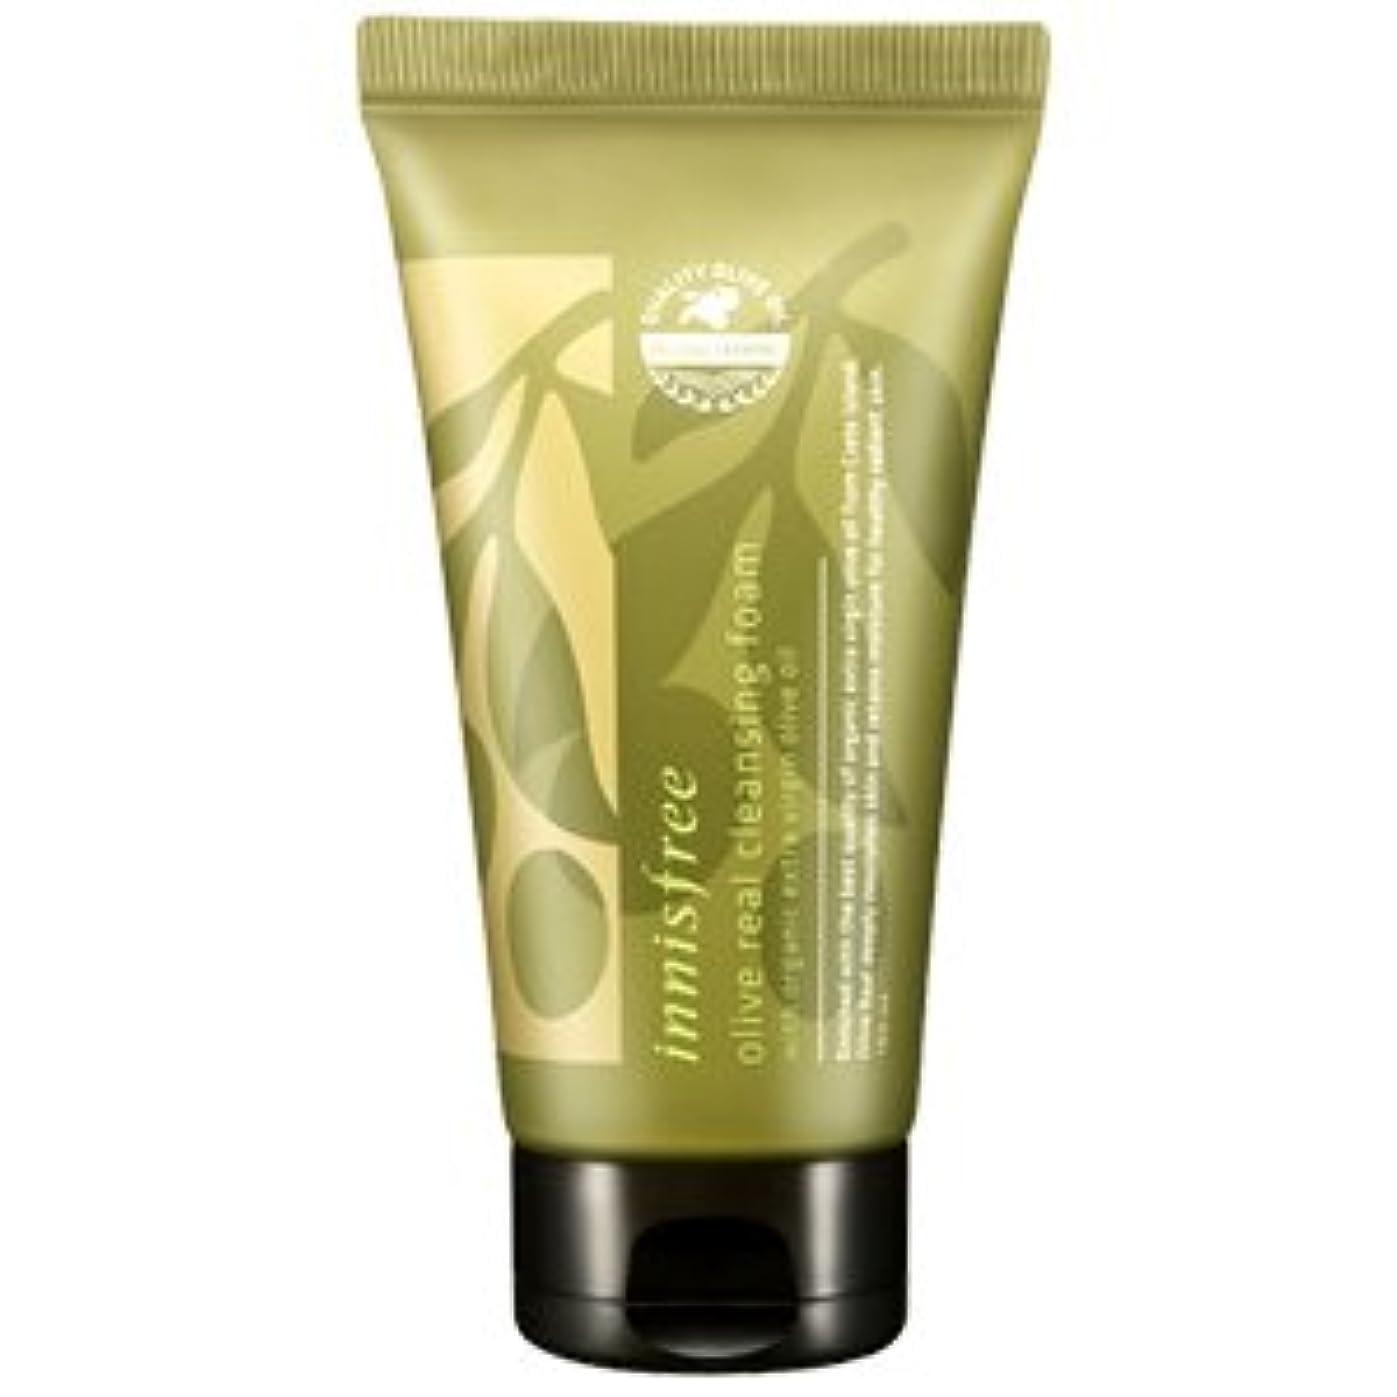 率直な腰小さいinnisfree(イニスフリー) Olive real cleansing foam AD オリーブ リアル クレンジング フォーム 150ml